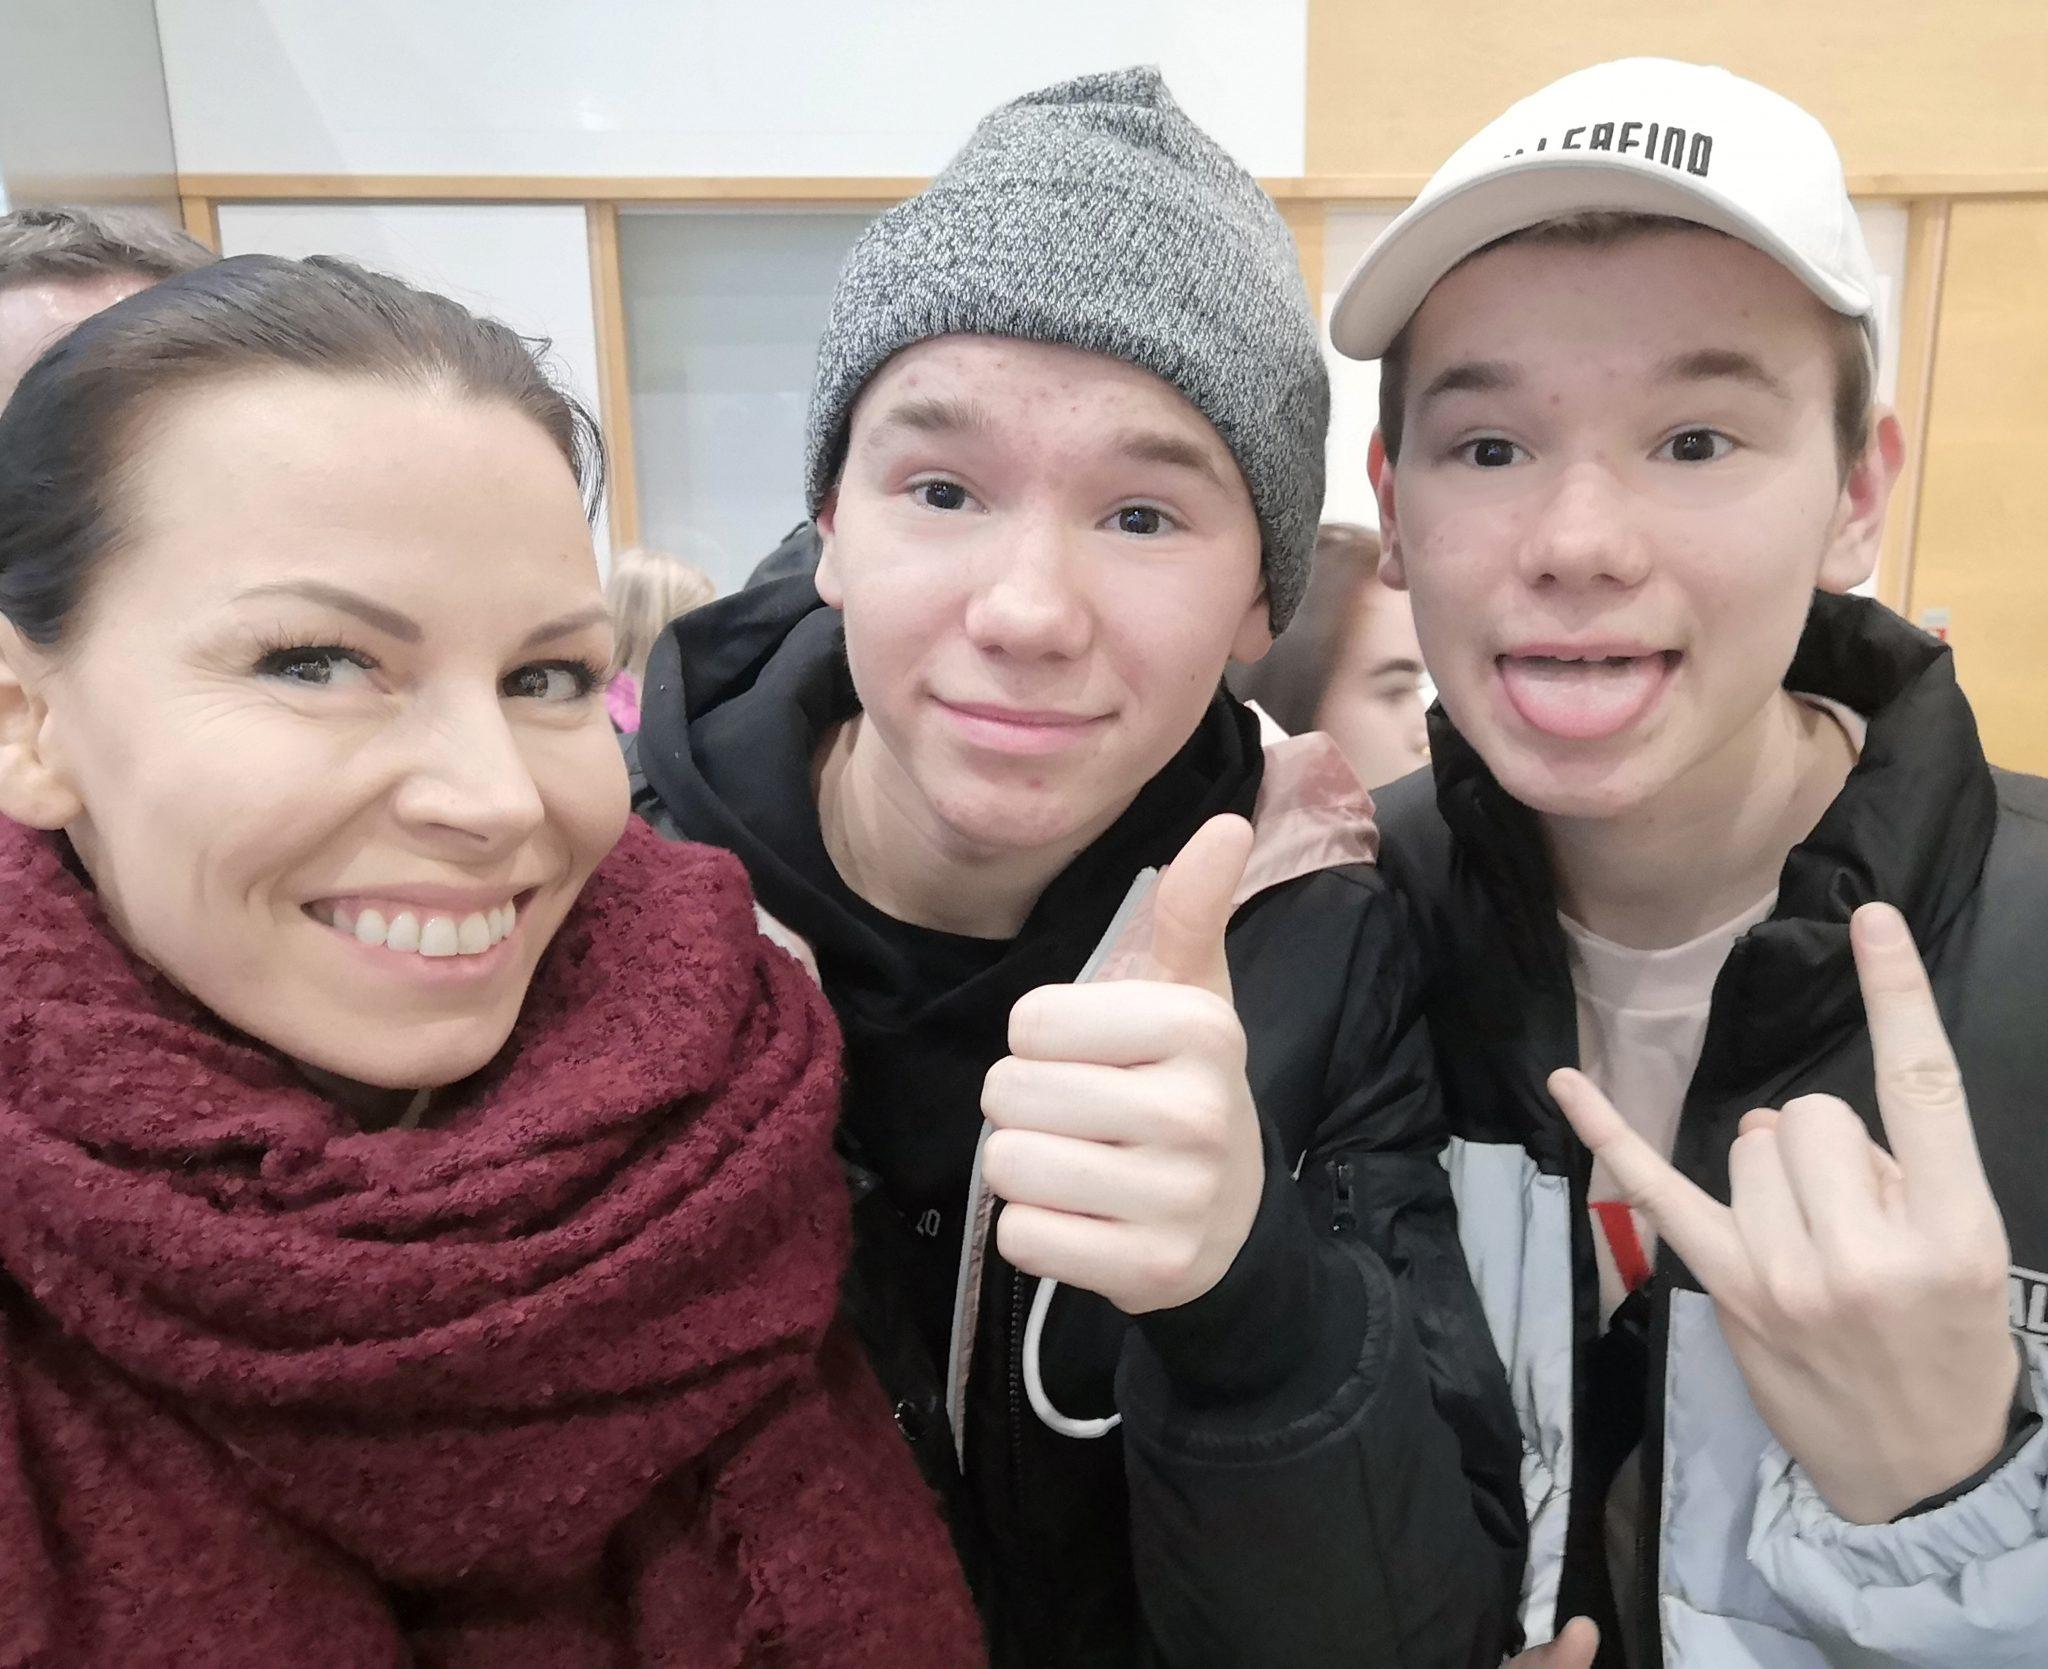 Äiti, Marcus & Martinus